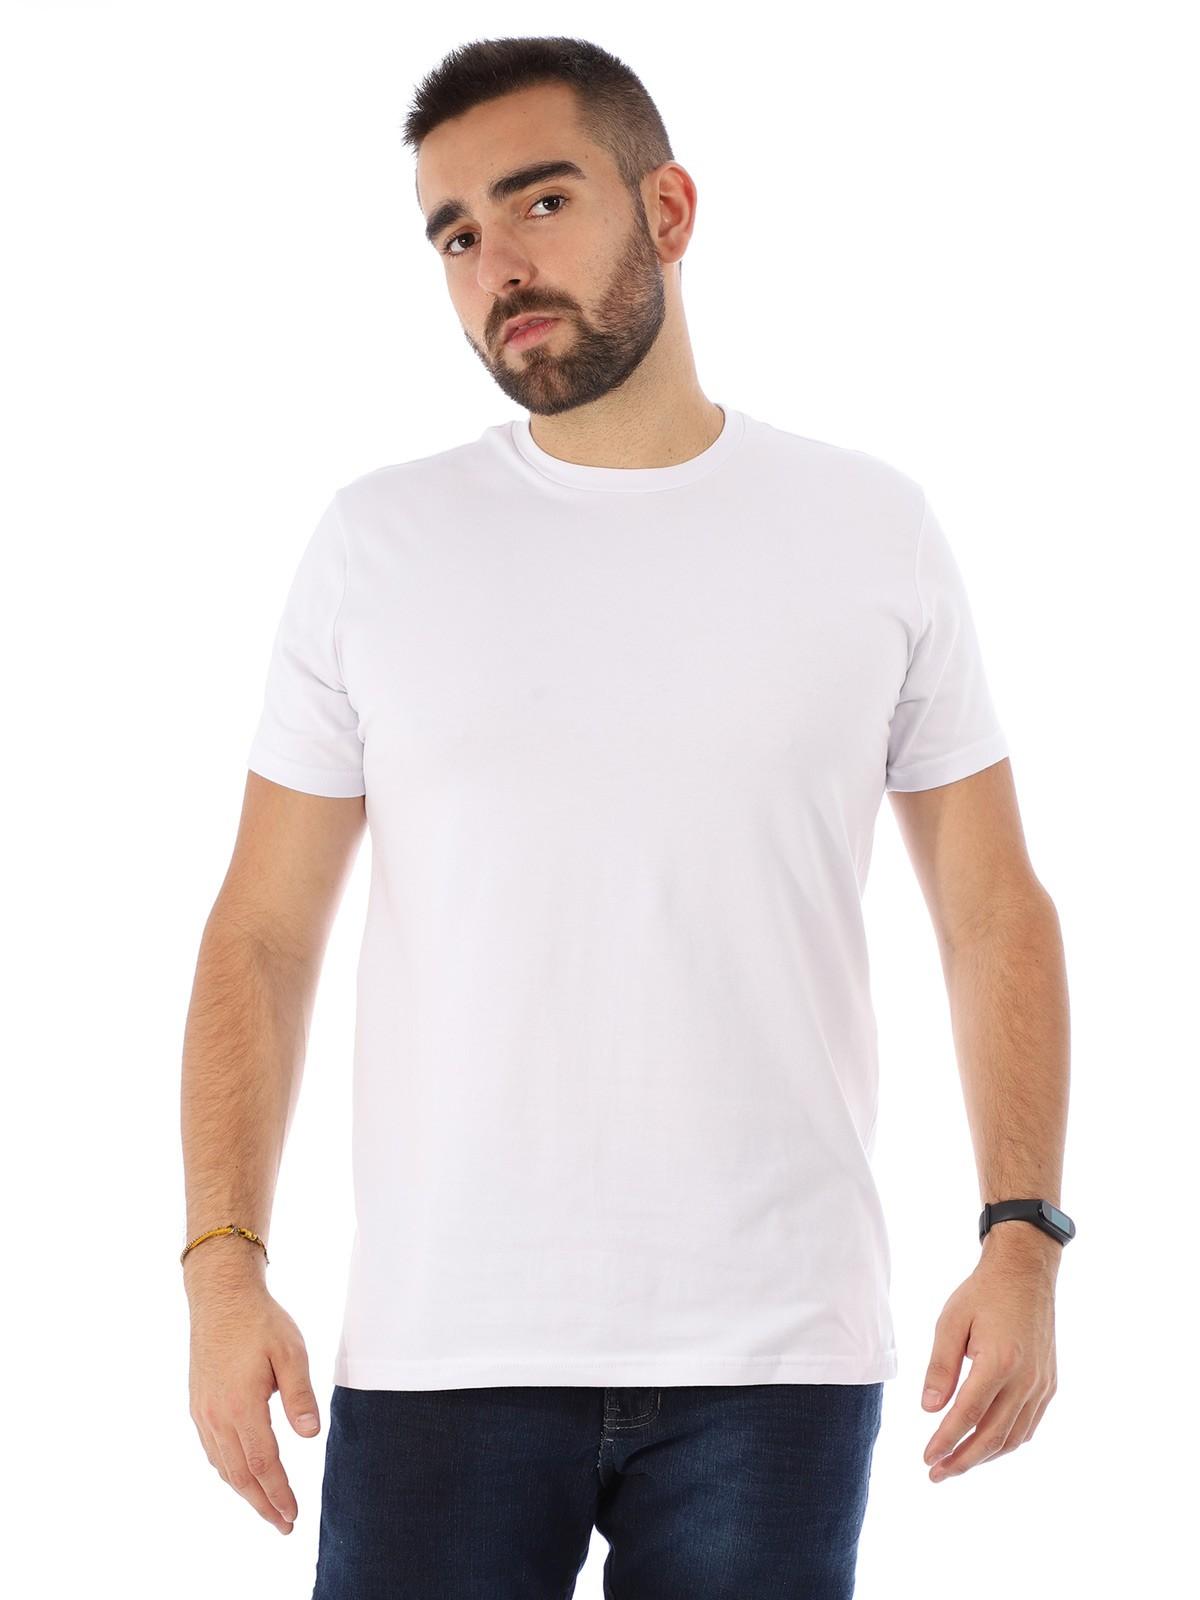 Camiseta Masculina Lisa Algodão Com Elastano Fit Branca